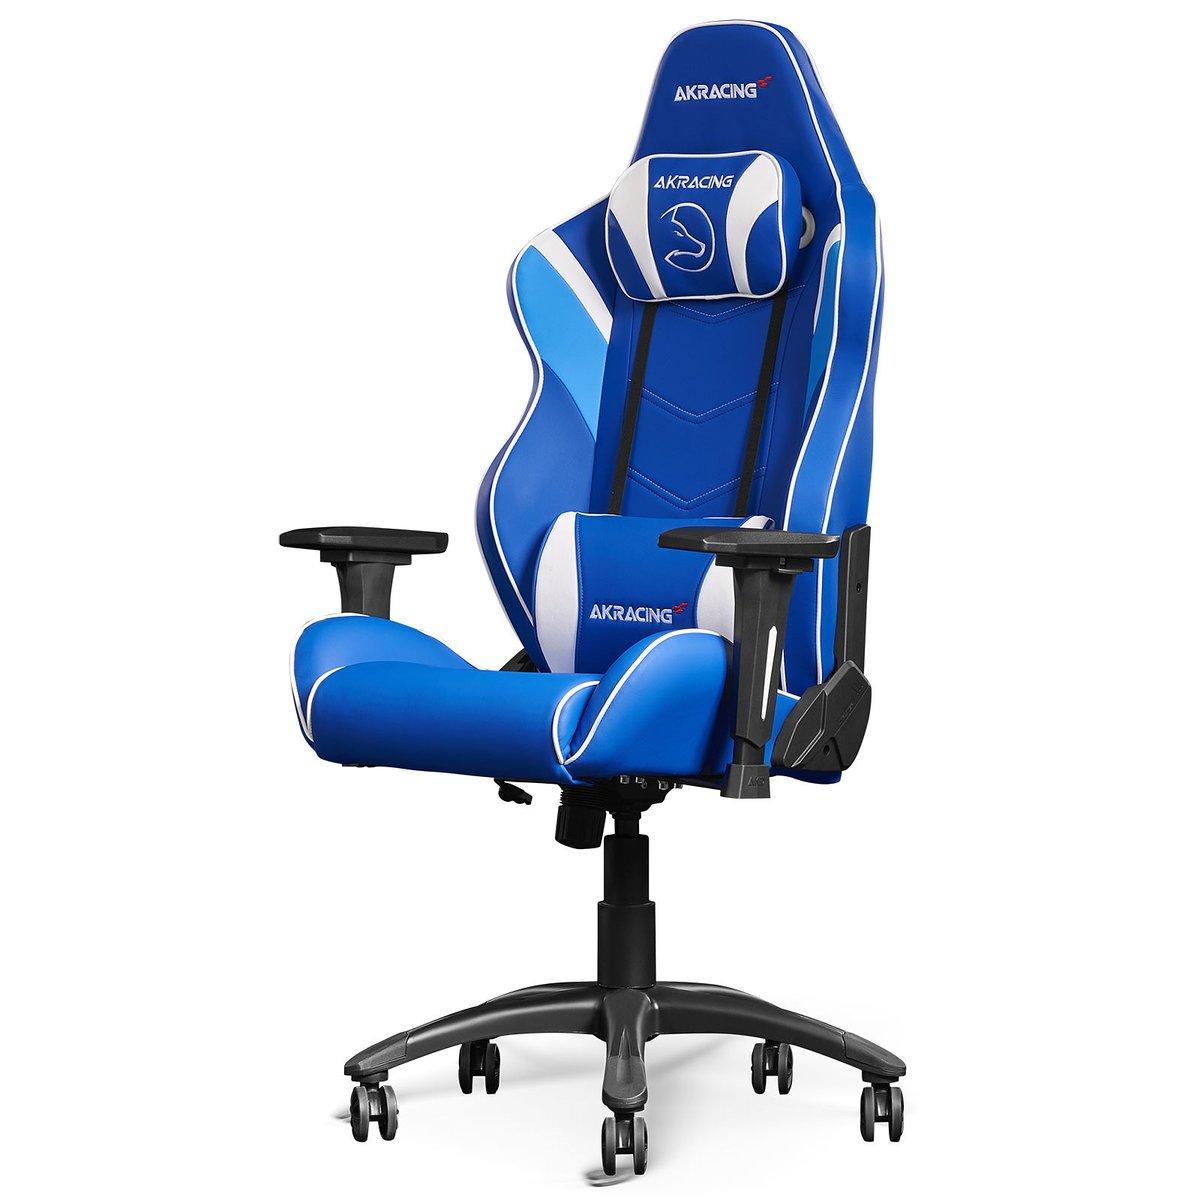 La chaise @AKRacing Core LX en édition limitée est encore disponible.   Si son design unique ne vous suffit pas, optez pour son confort ! N'hésitez plus.  ✅ Prix : 349€96 👉 Lien : https://t.co/gYrHGVsQ4P https://t.co/KxnXeSF9yR